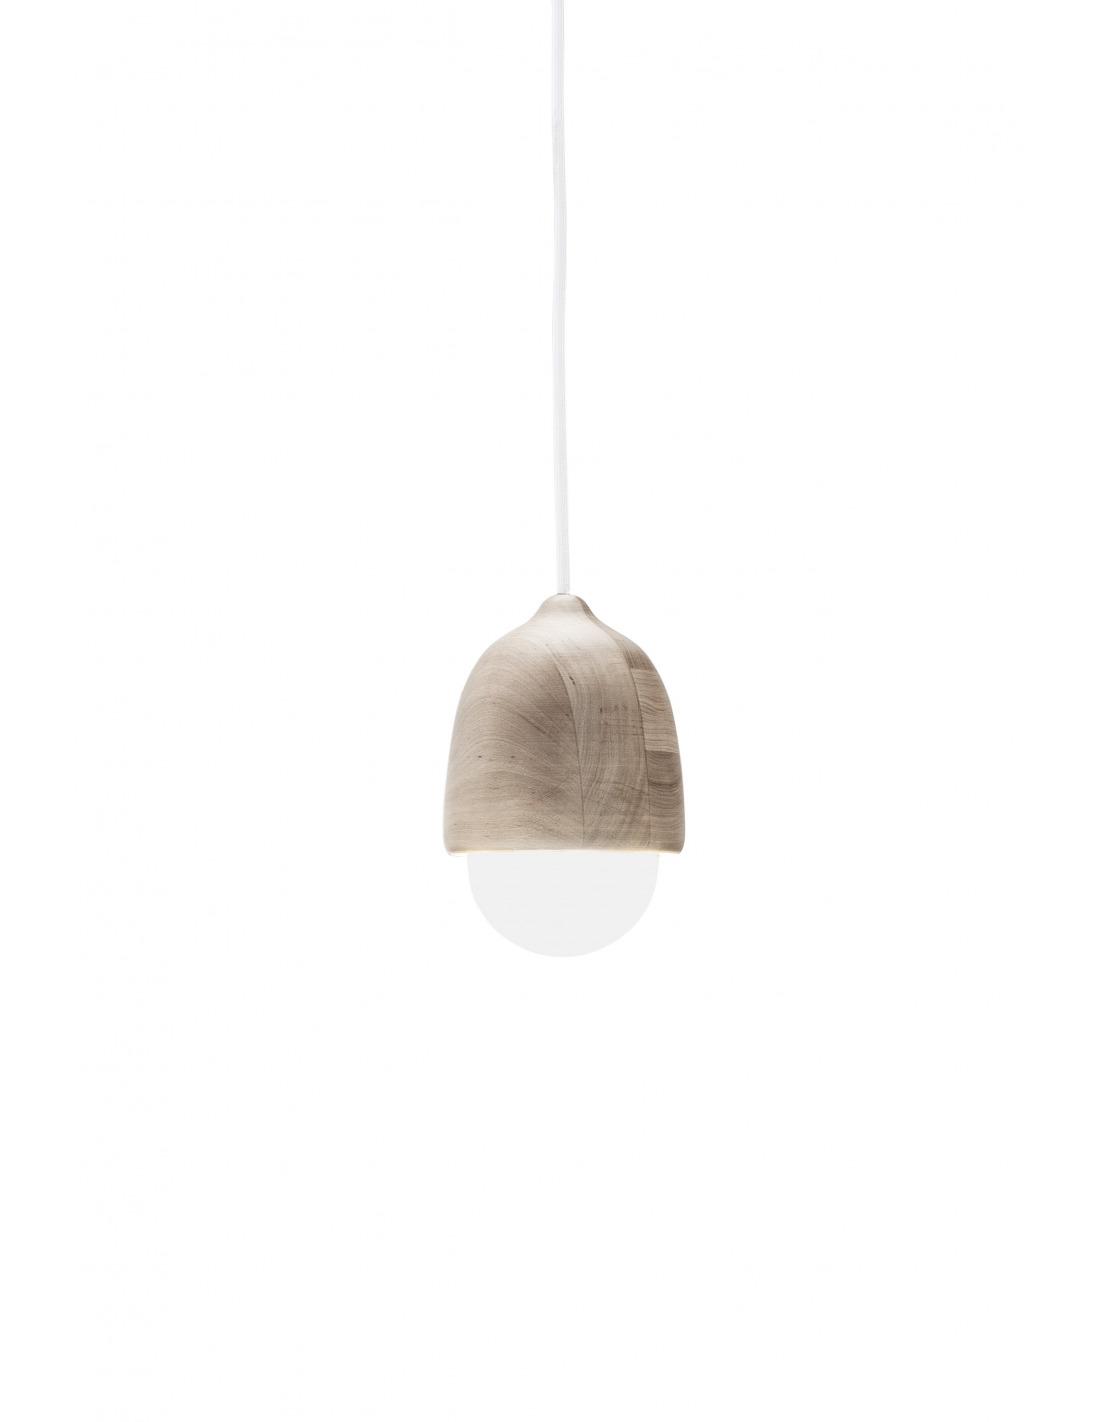 suspension en bois et verre souffl terho lamp au design scandinave otoko. Black Bedroom Furniture Sets. Home Design Ideas